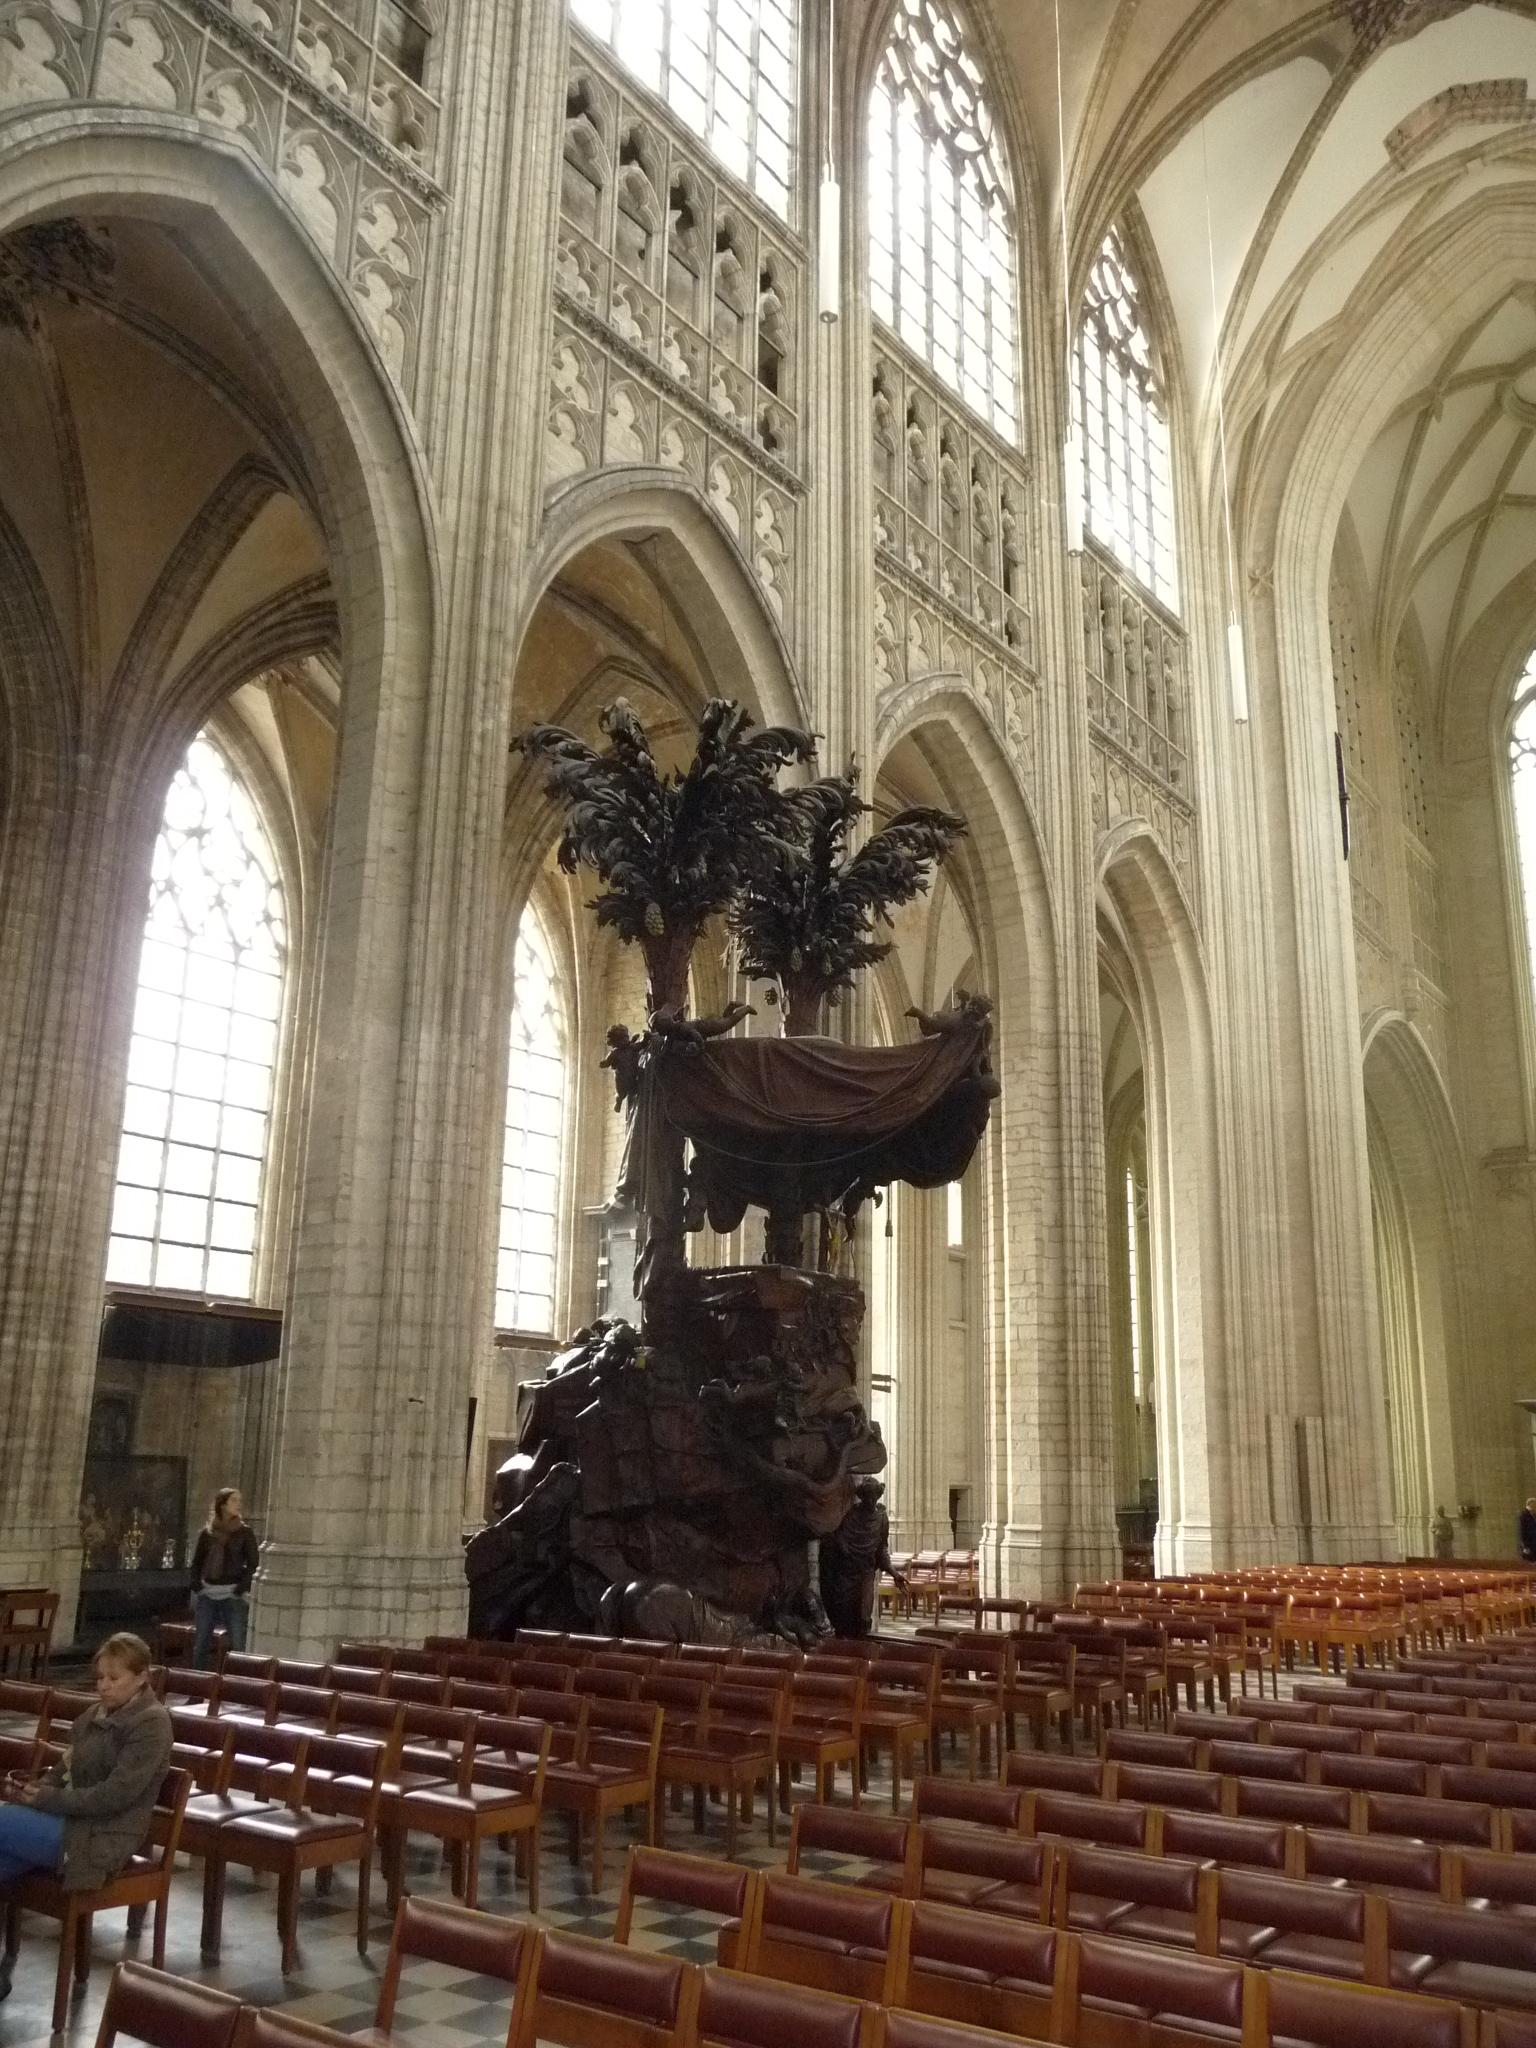 St Peter's church pulpit